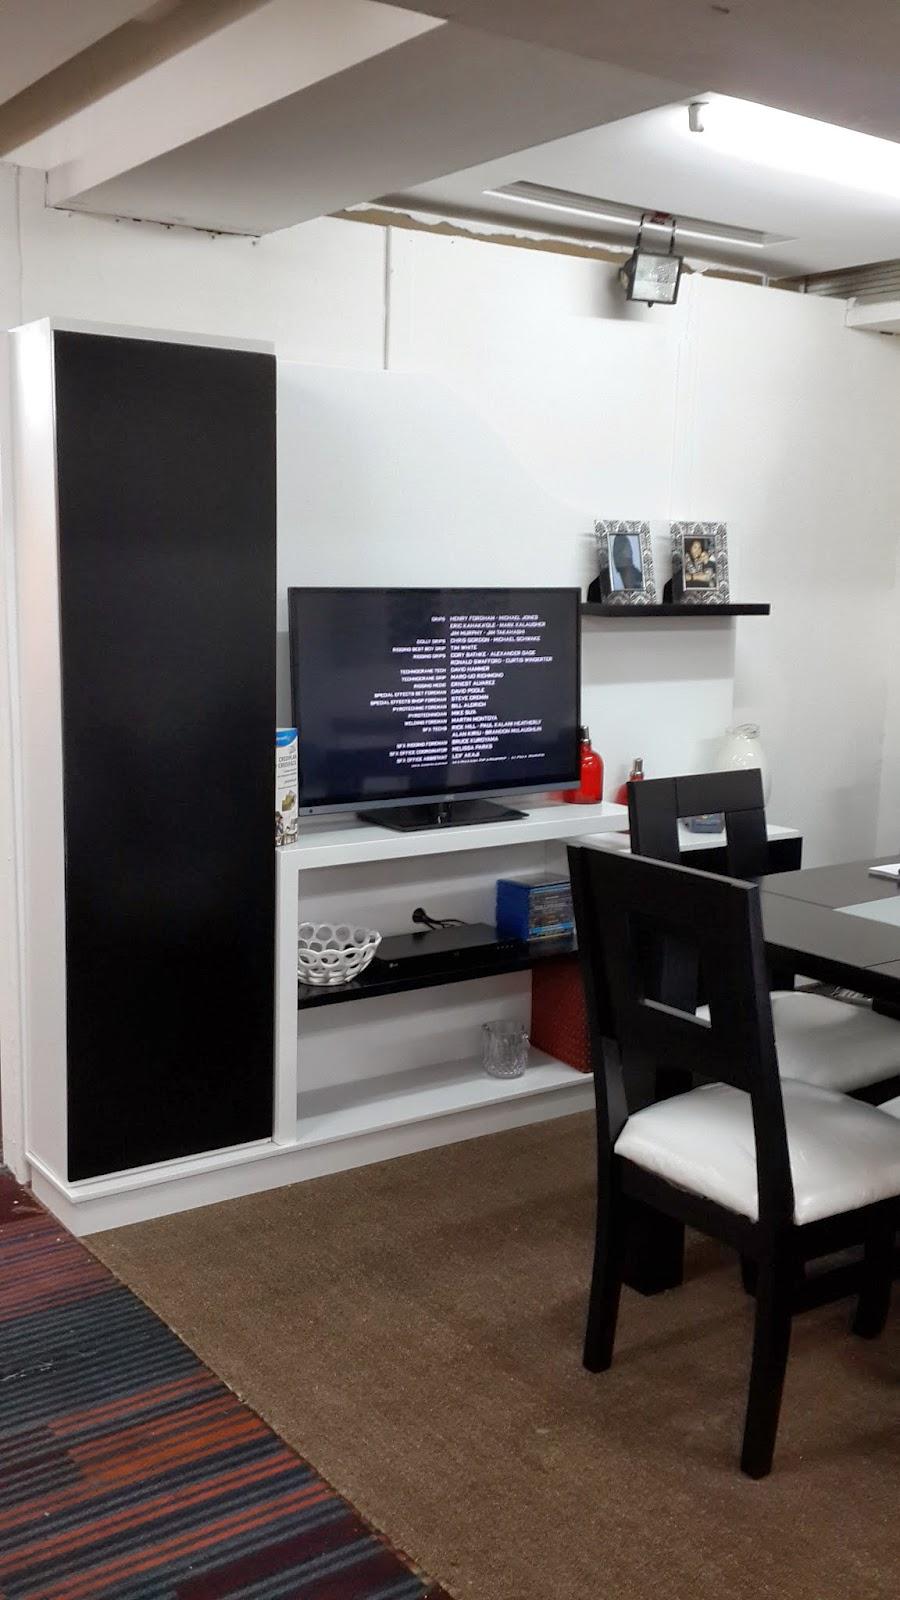 El artesano del mueble expo muebles y hogar 2014 for Hogar del mueble